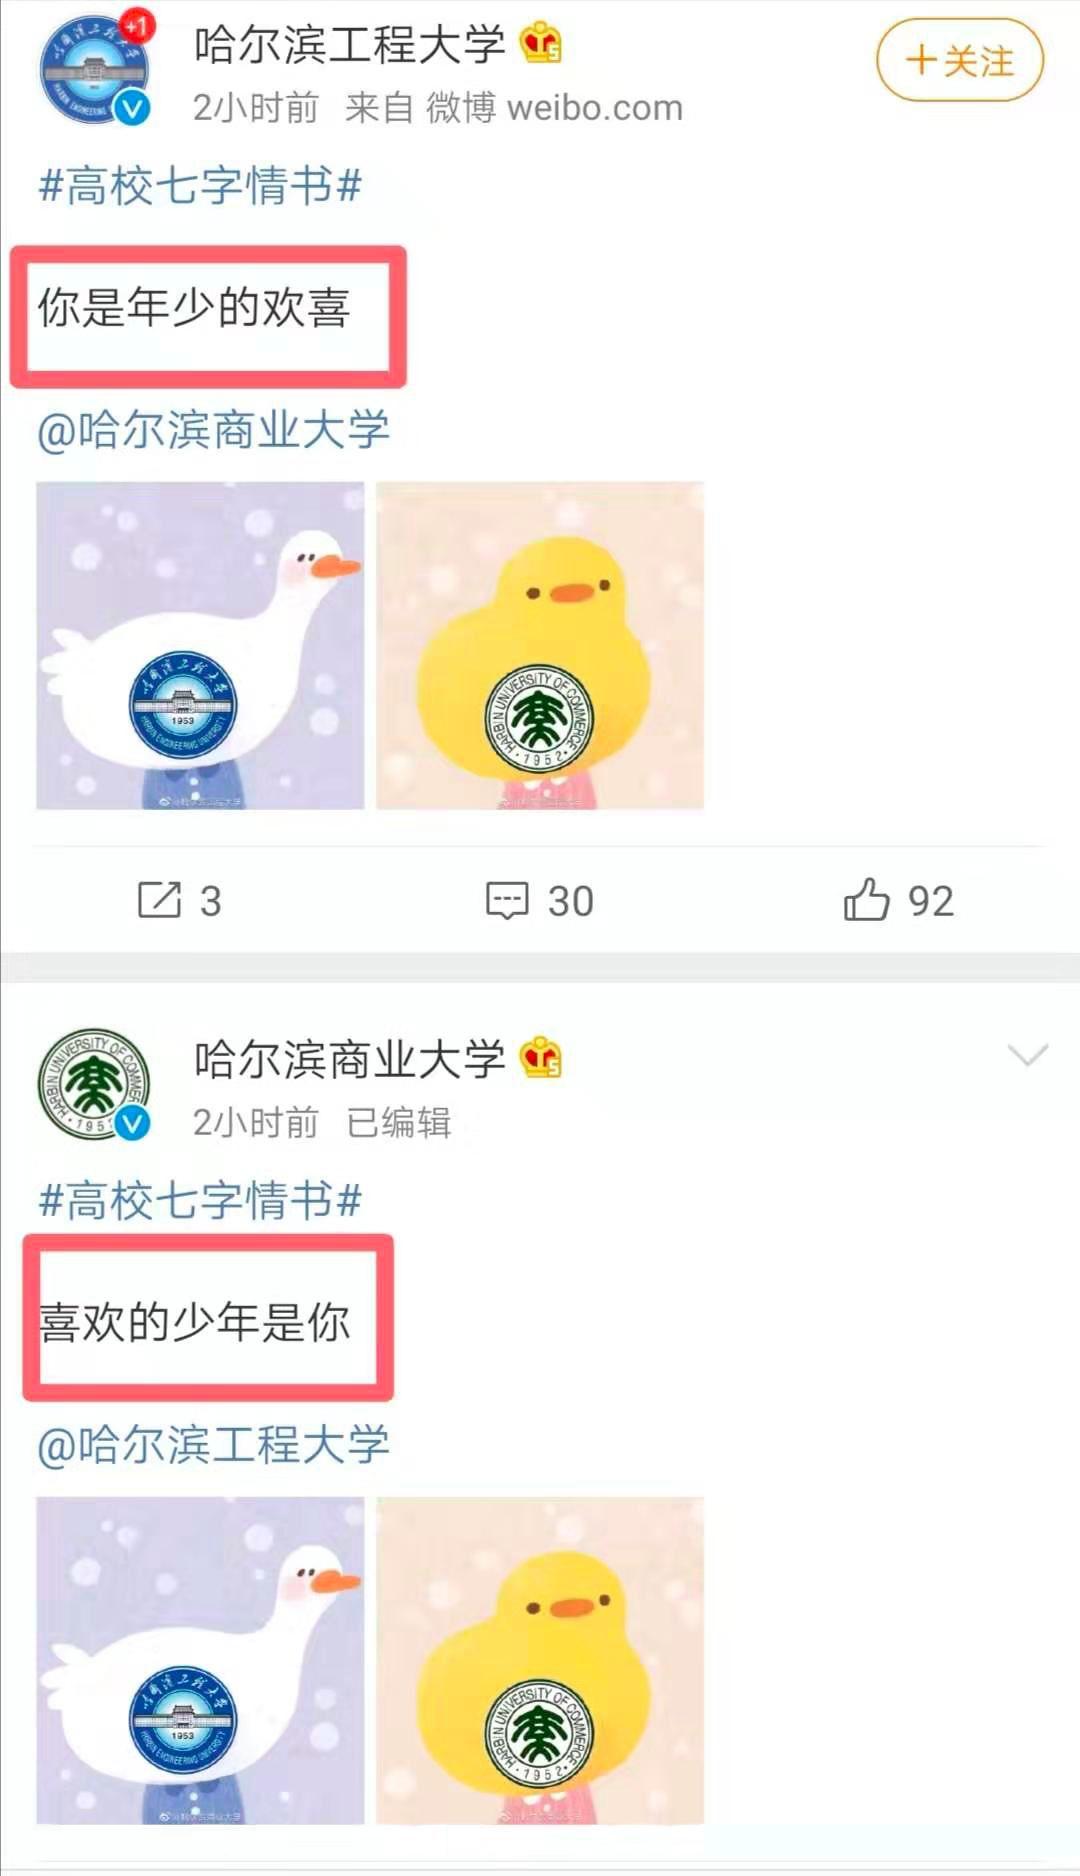 昨天,各高校集体表白!最美中文情话刷屏